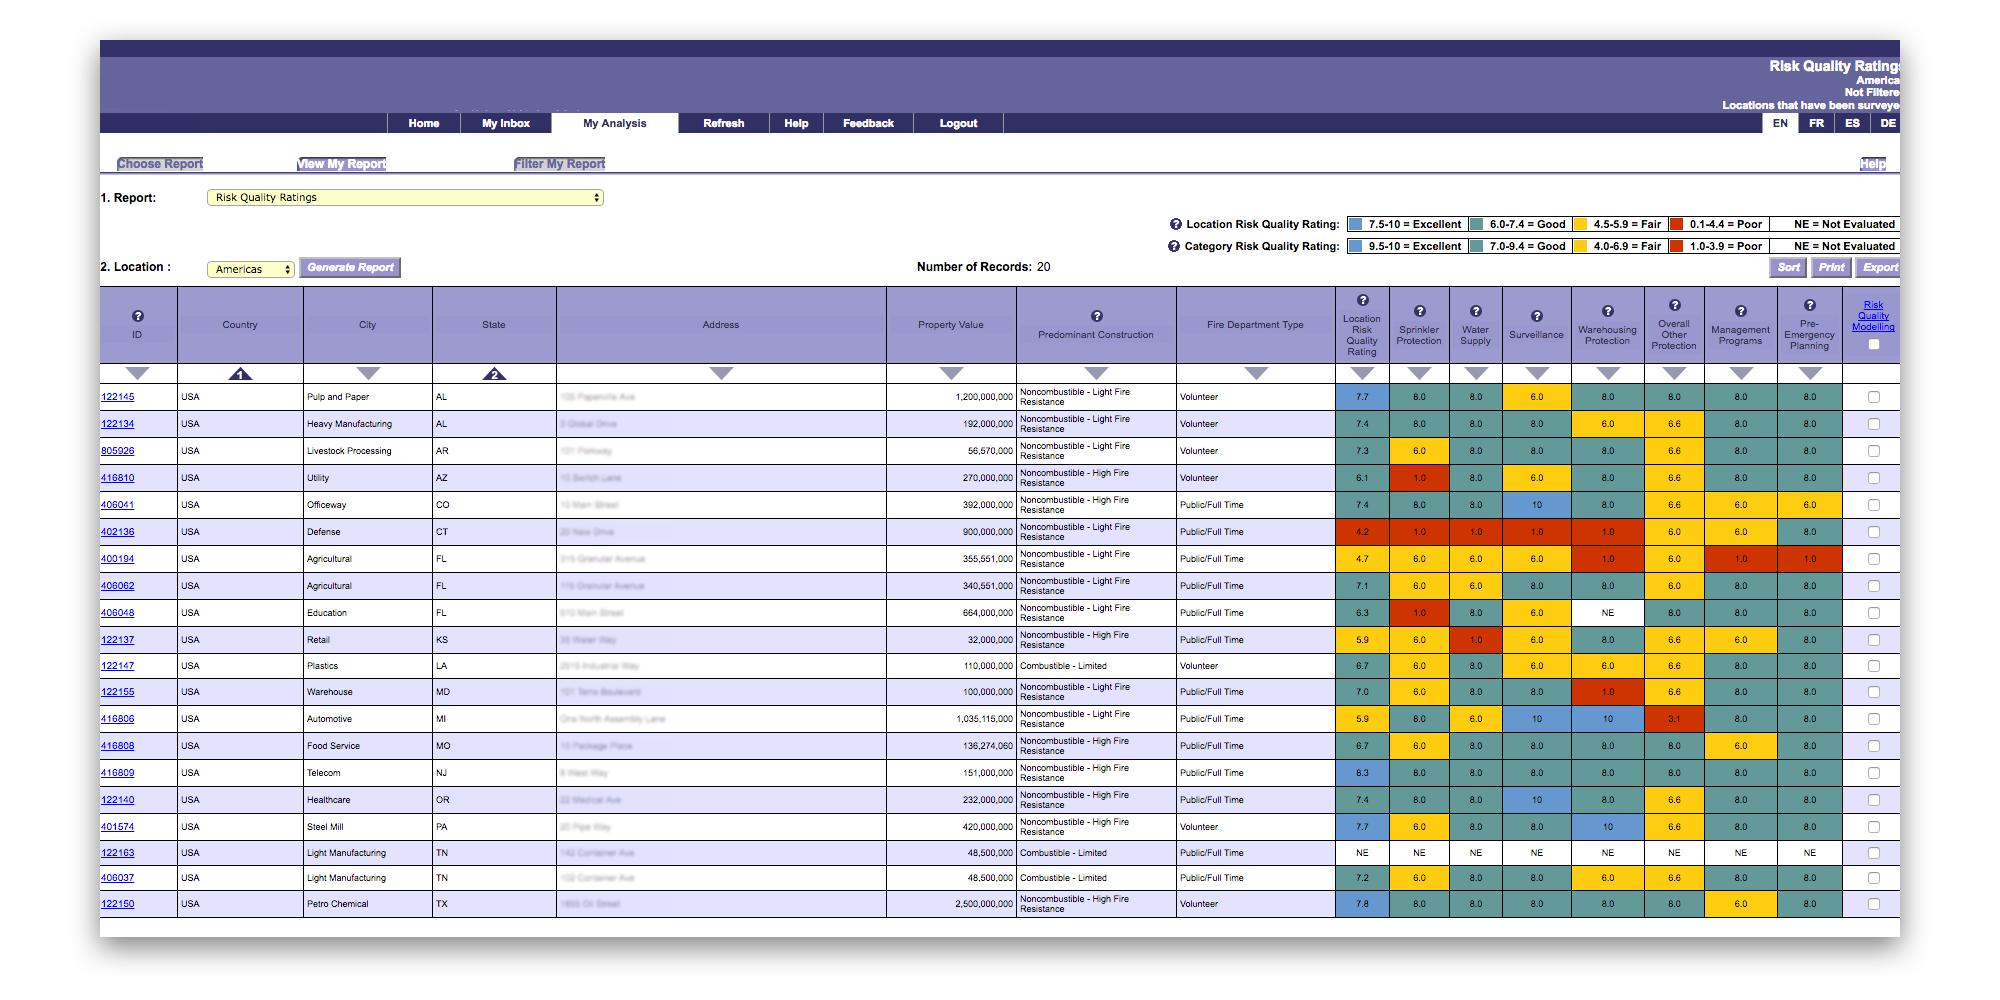 حالت دسکتاپ جدول داده ها، با قابلیت های مختلف بدون مشکلی به دلیل داشتن فضای کافی قابل استفاده است.